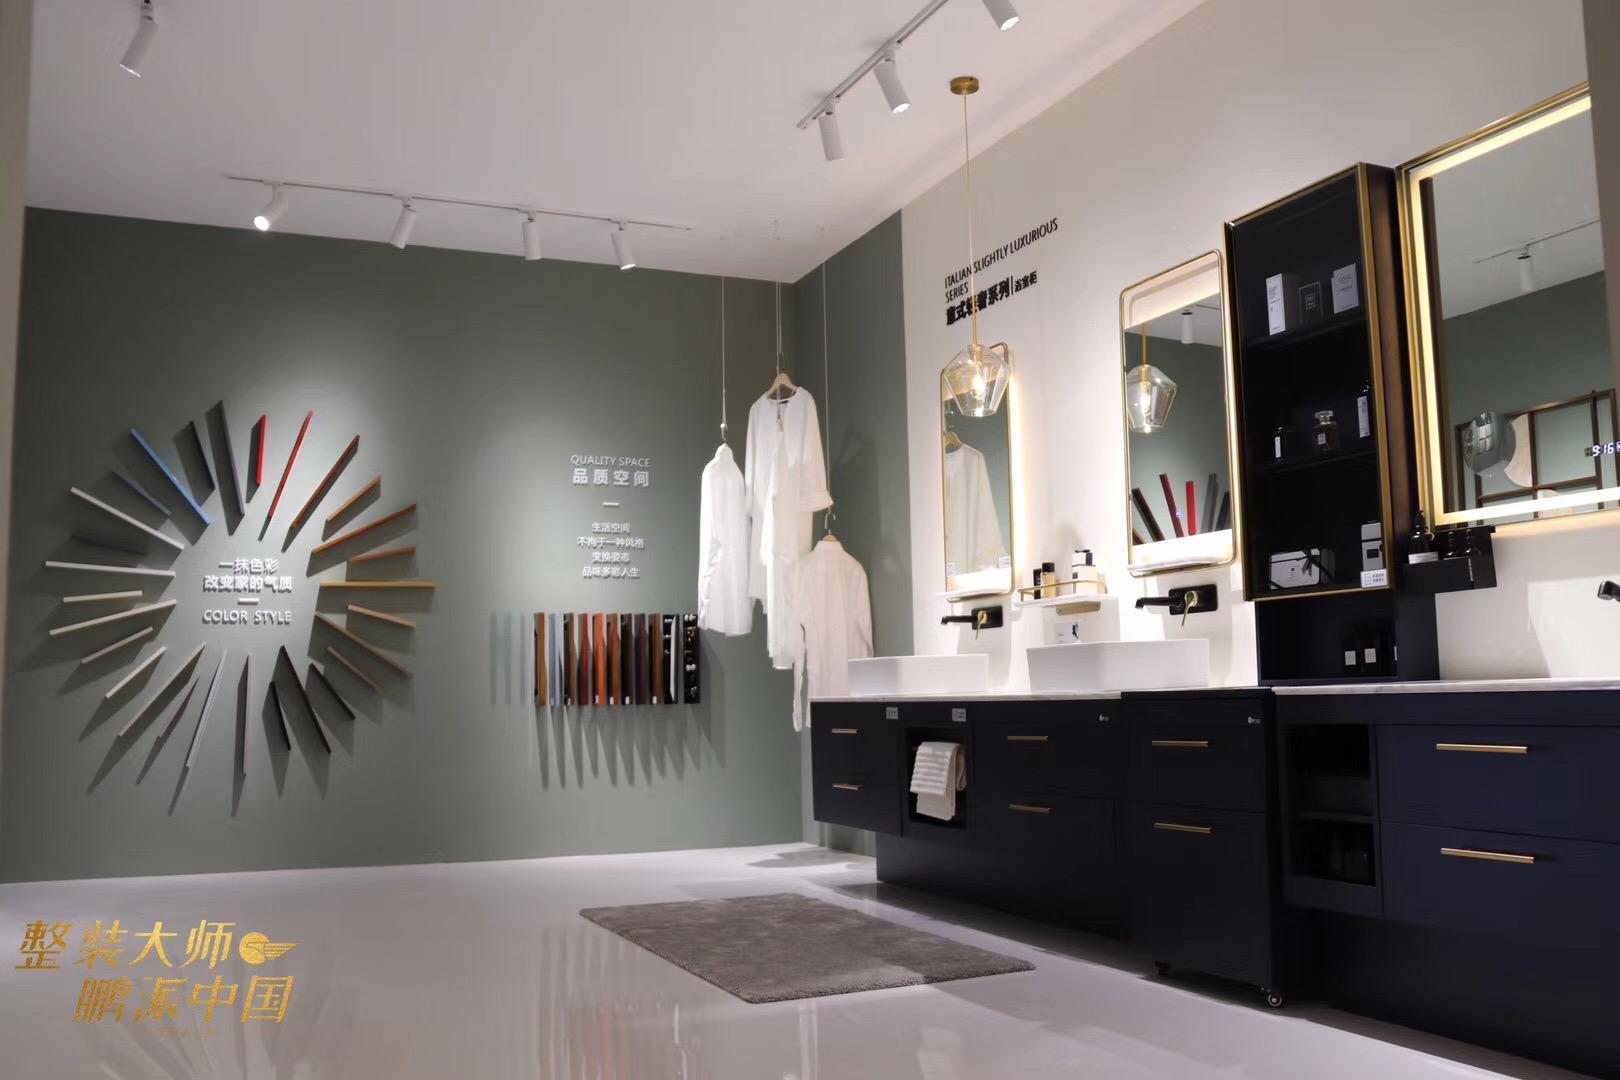 東鵬整裝衛浴E1C15,整裝大師,鵬派中國,快來體驗整裝藝術之旅。